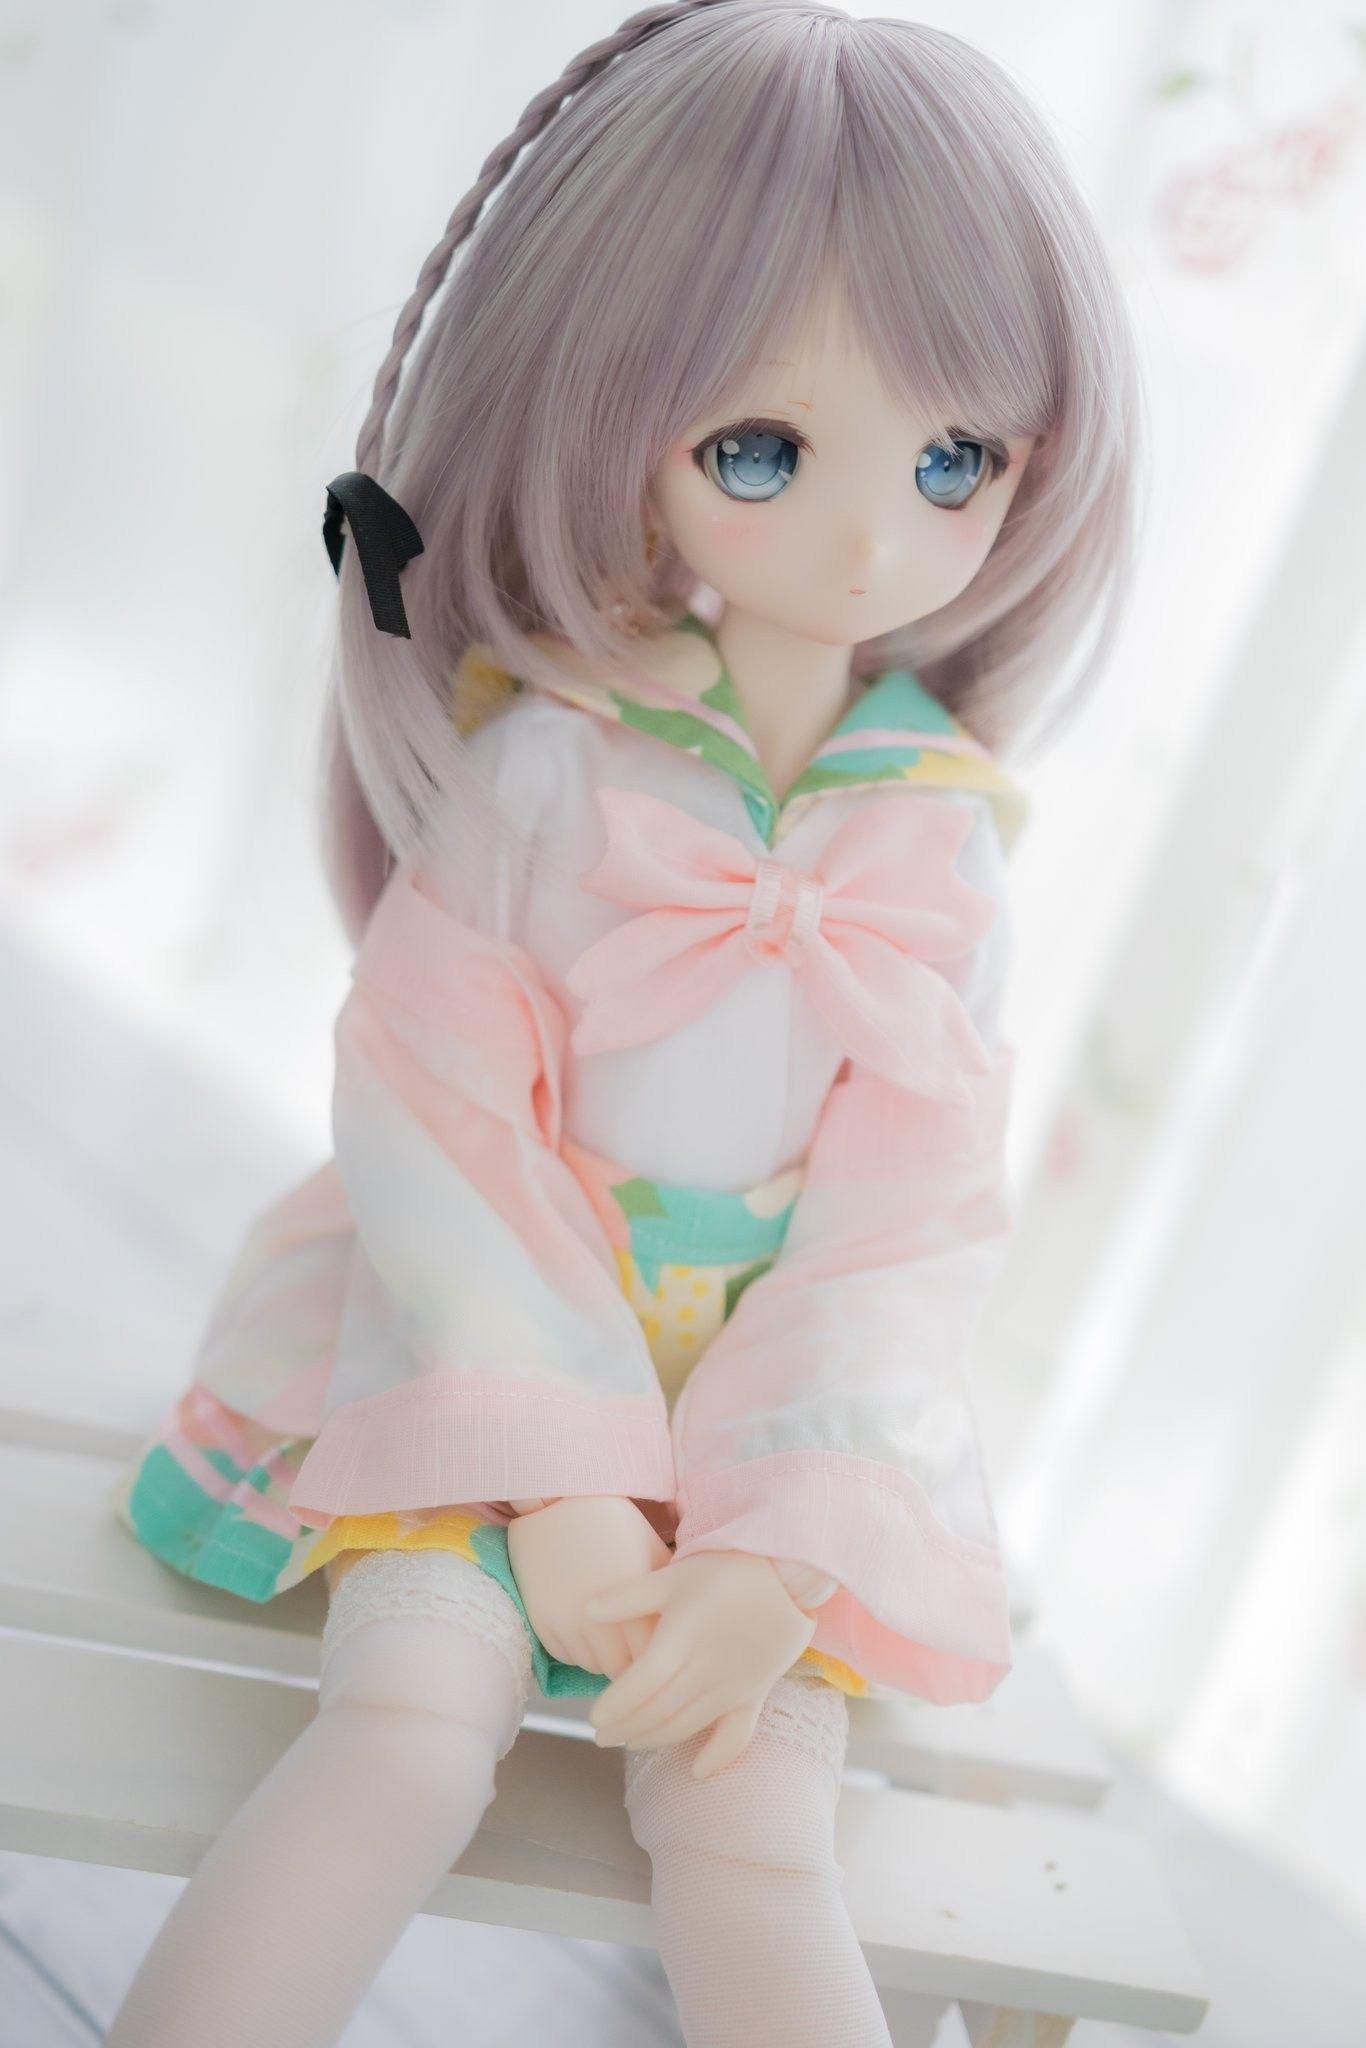 Pin by Kawaii NekoChan on ドルフィー Cute dolls, Kawaii doll